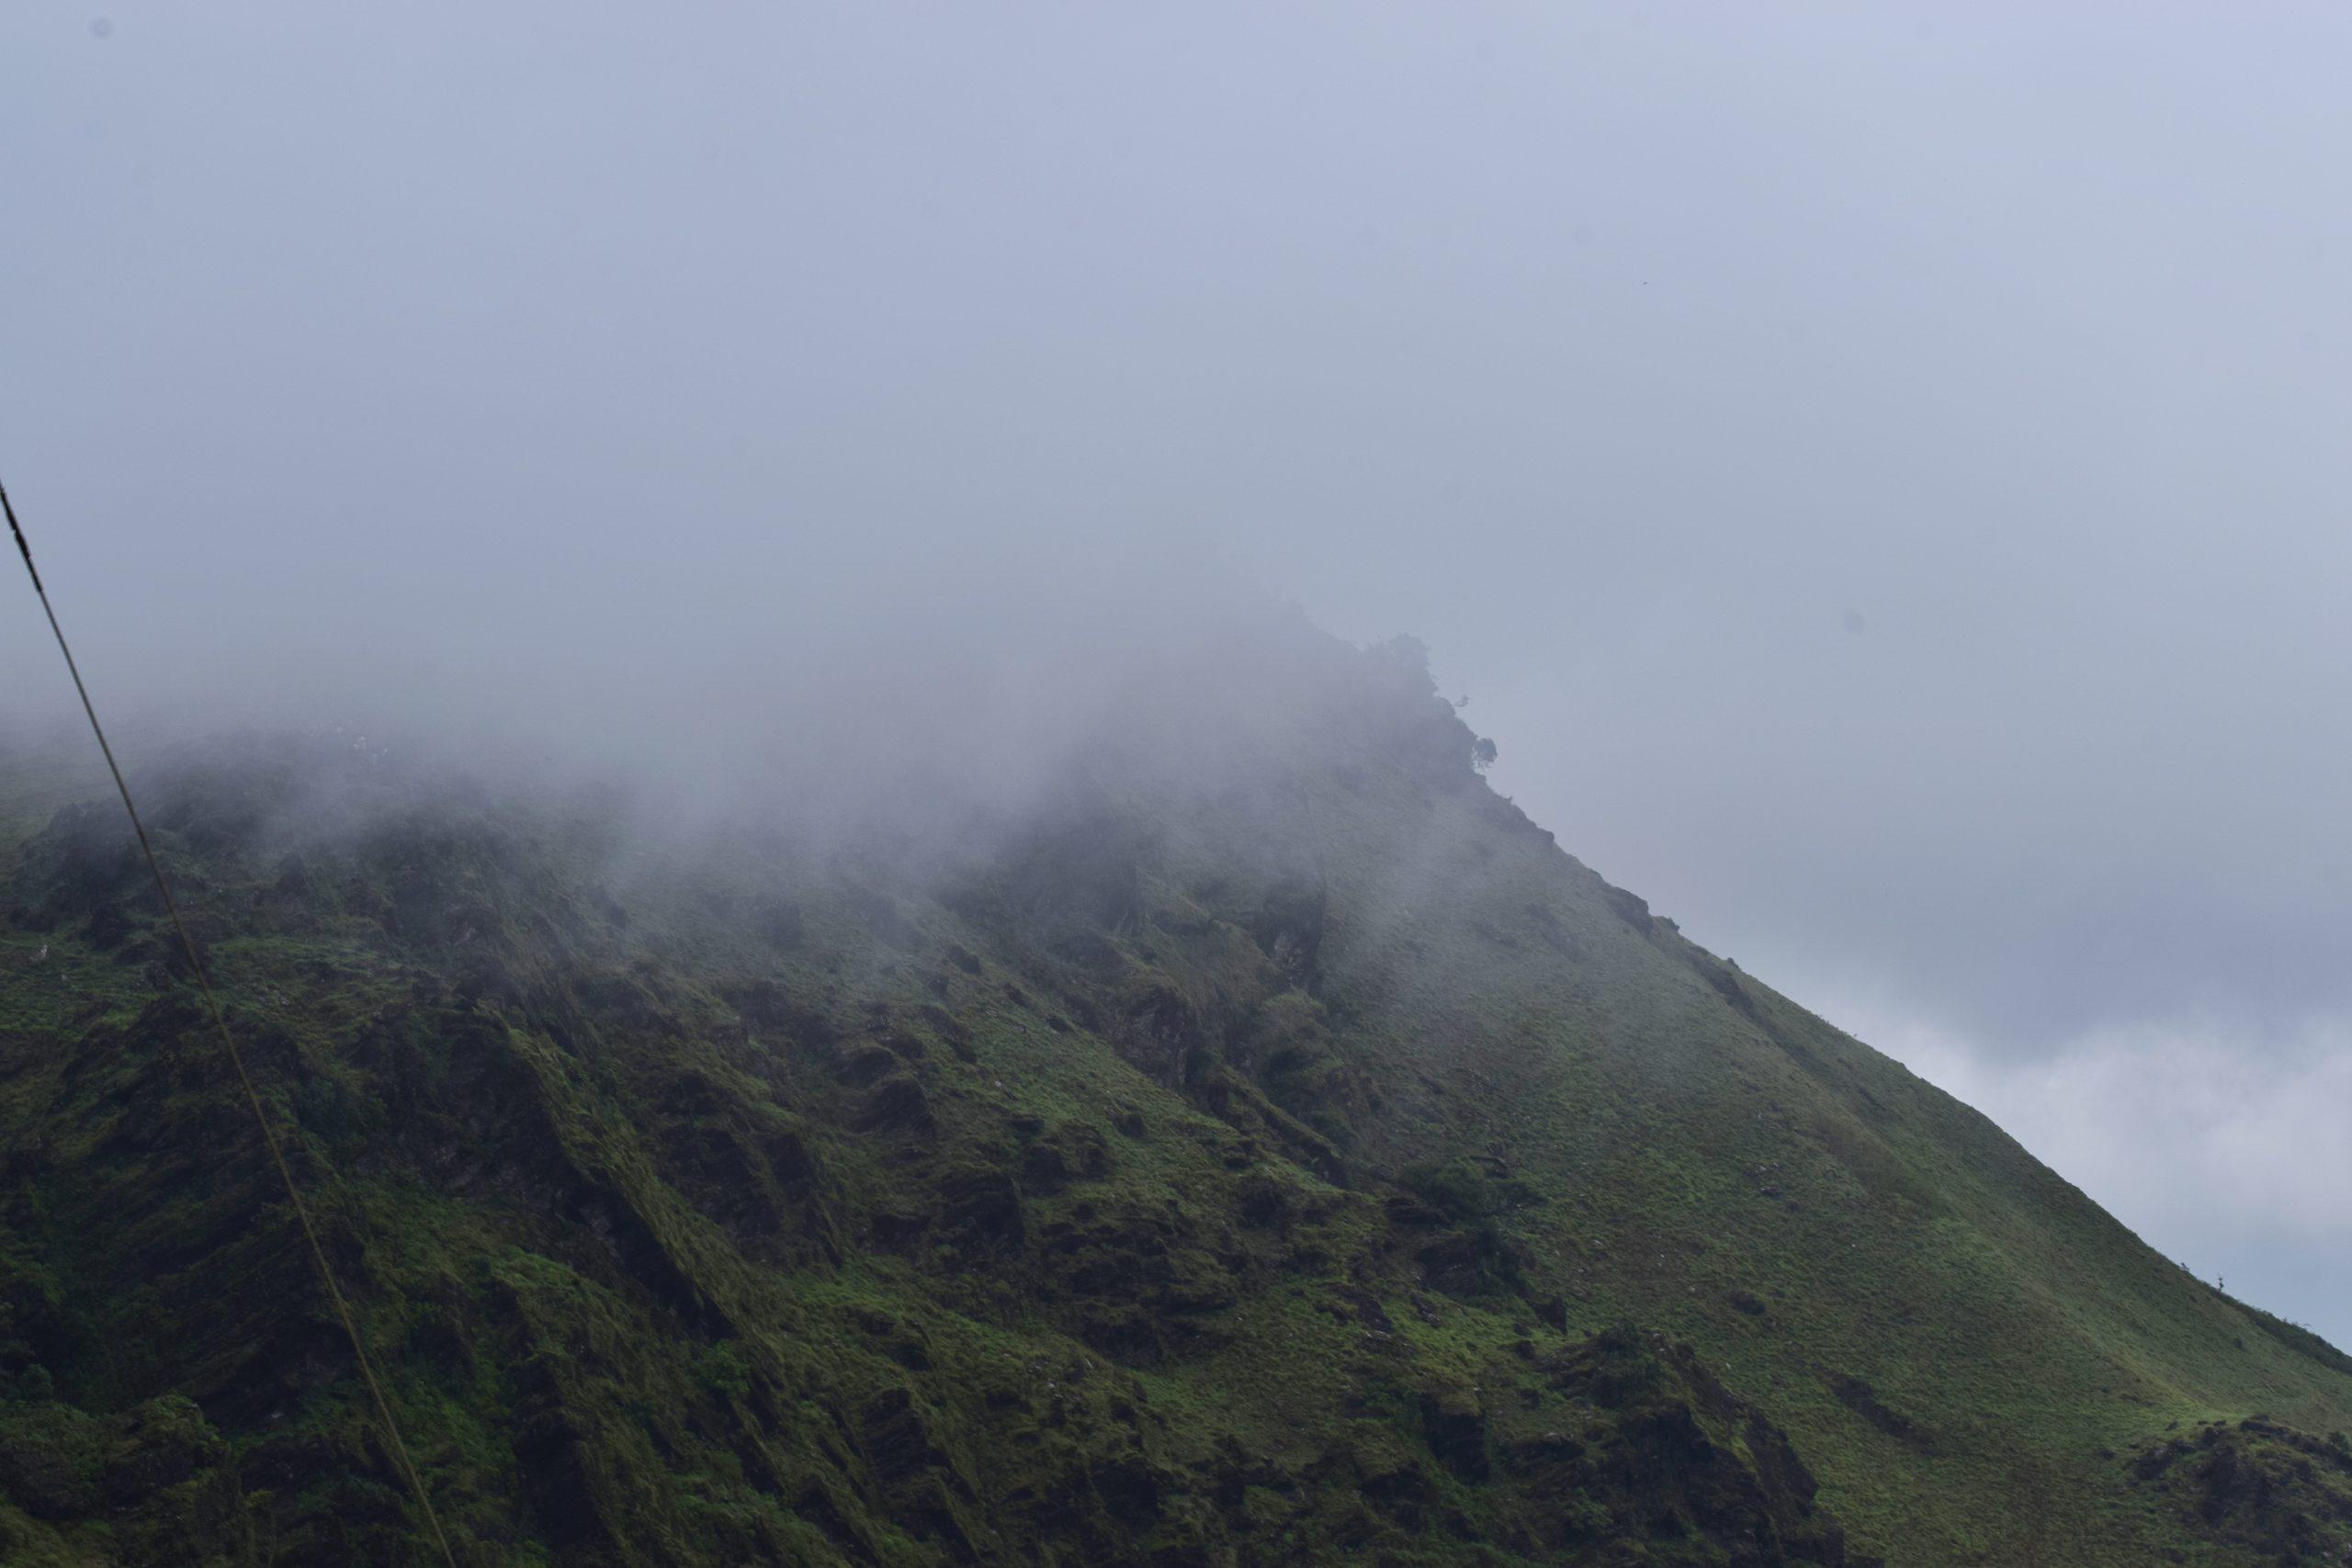 Fog on a mountain